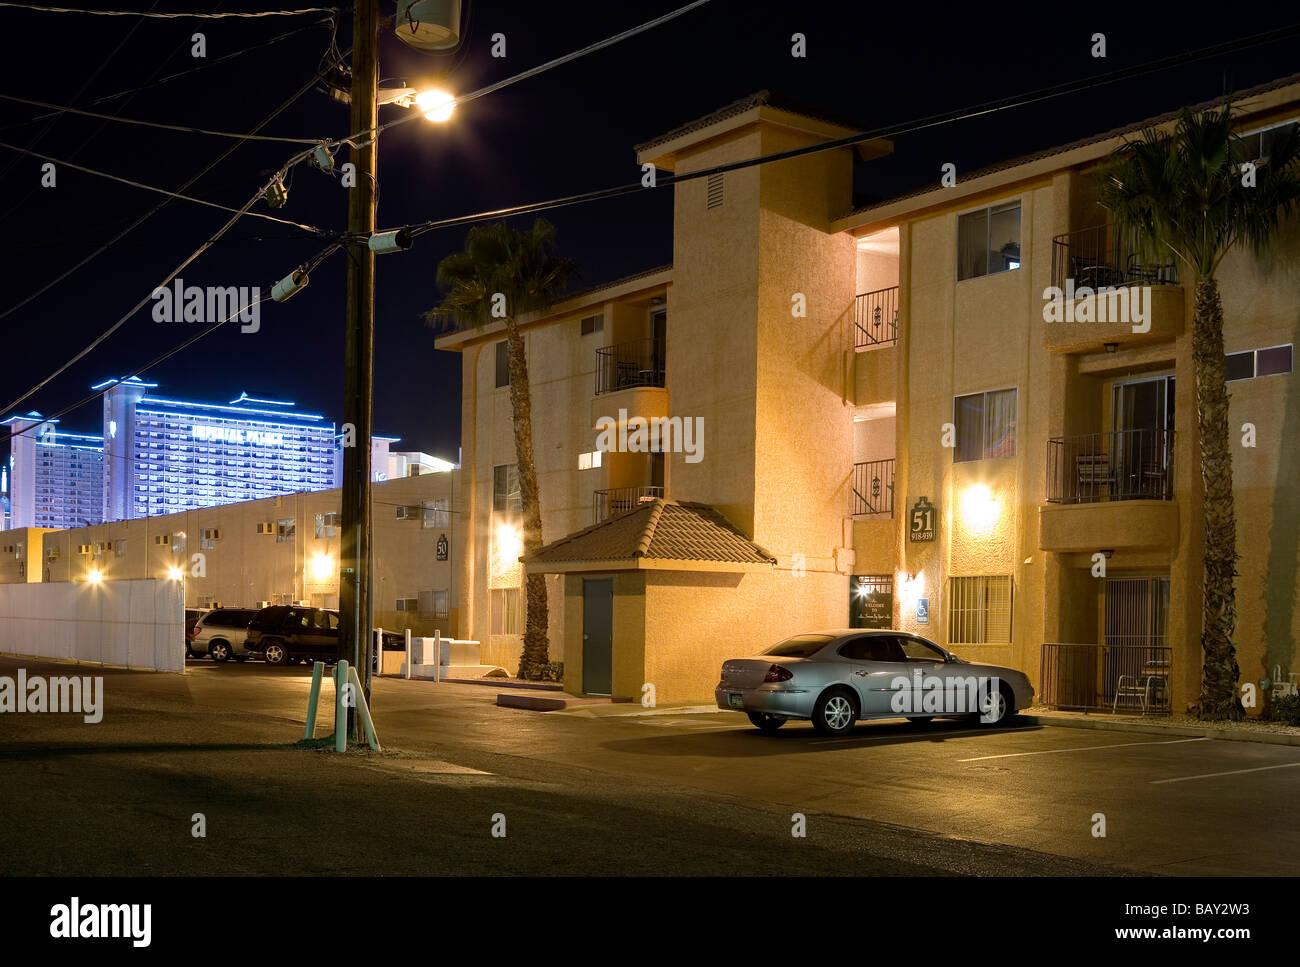 parking spaces backyard of the las vegas casinos las vegas